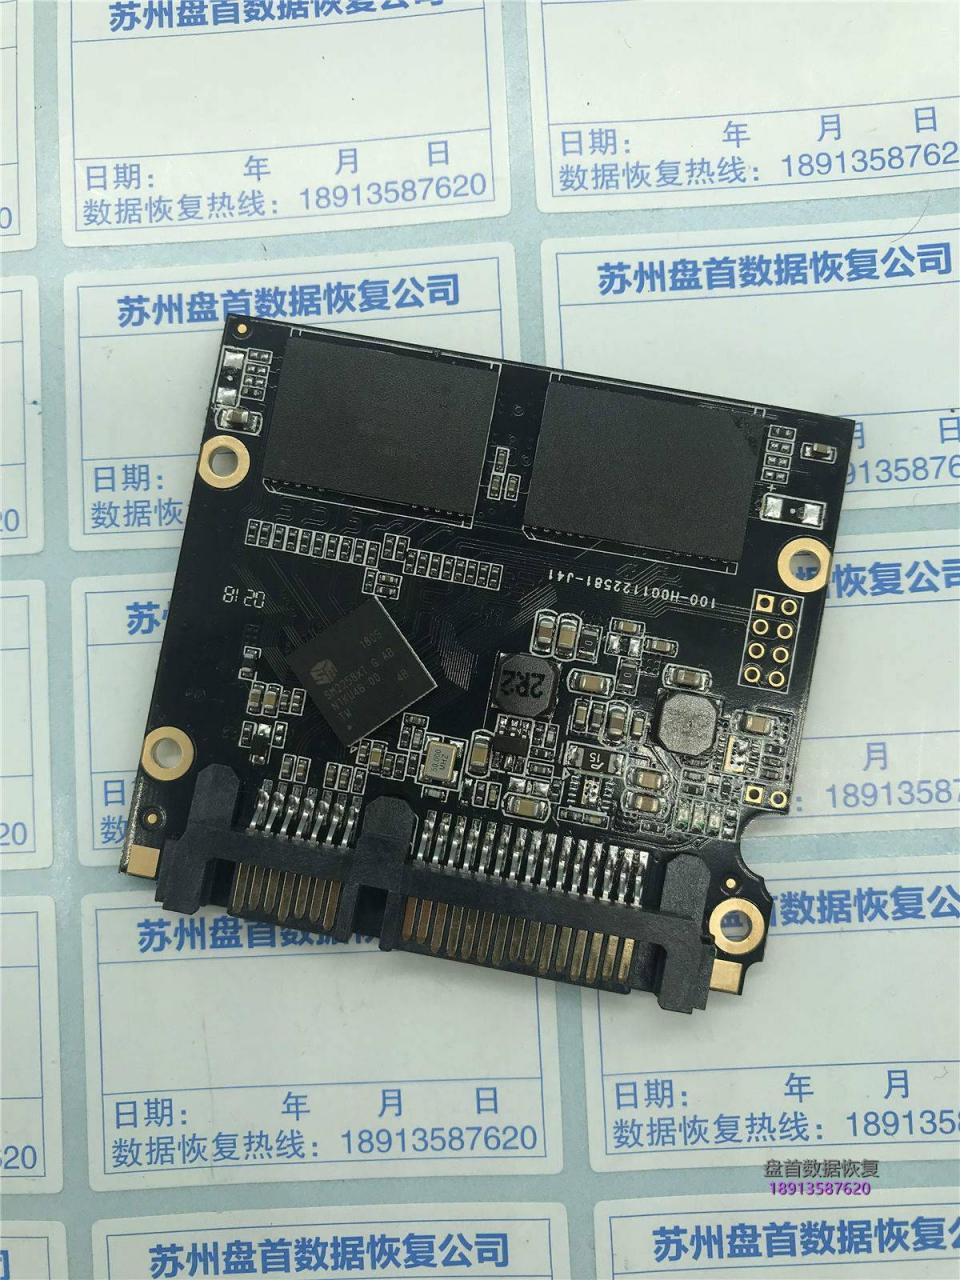 二次恢复SM2258XT主控的台电A800 SSD数据恢复成功